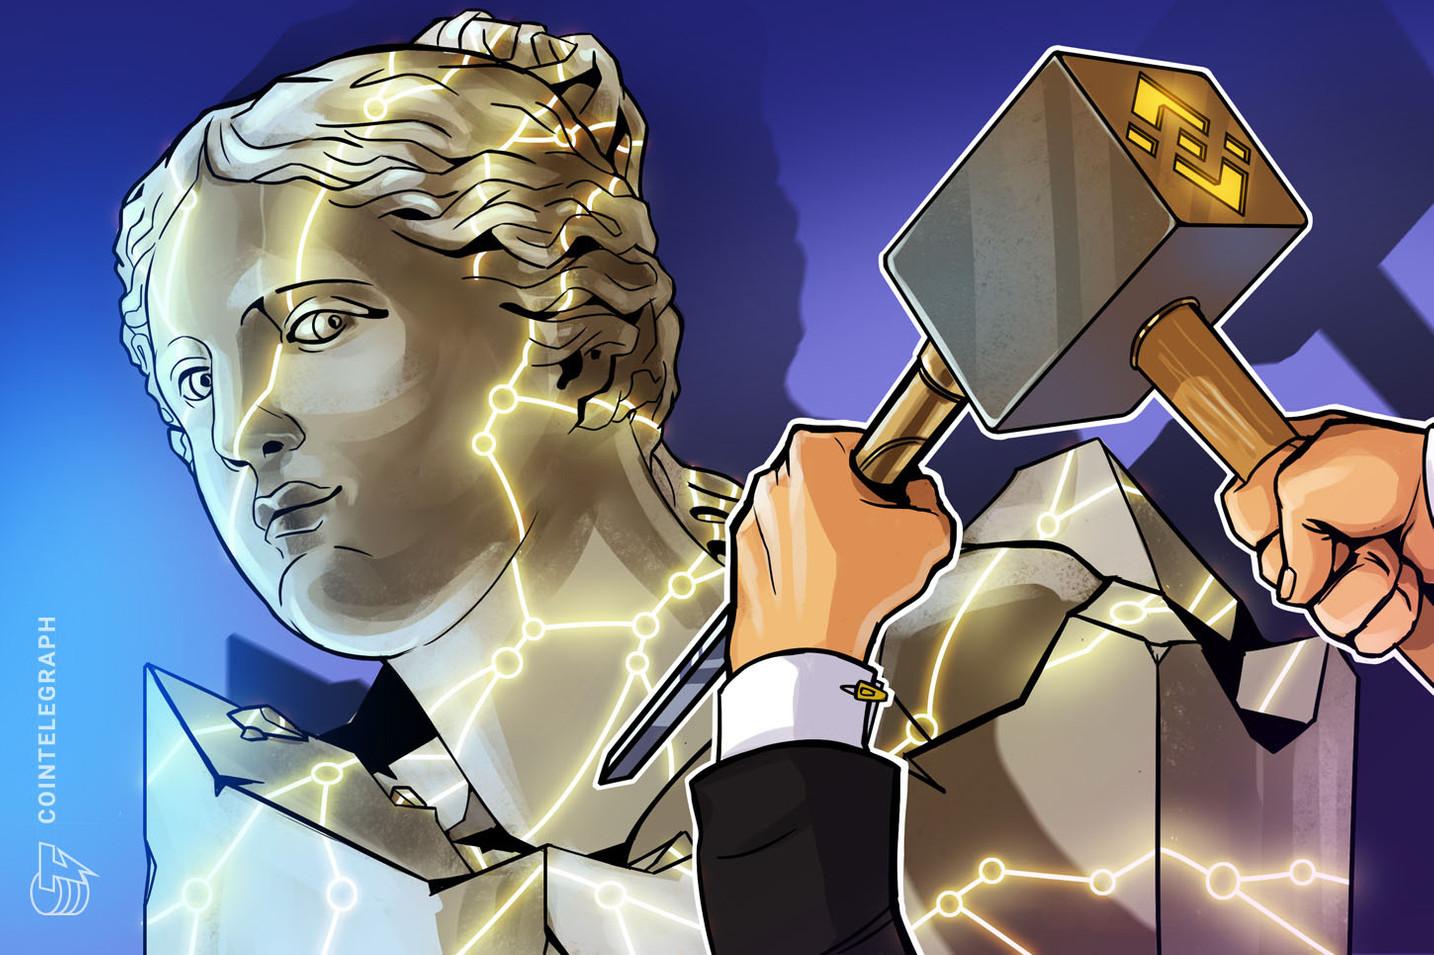 仮想通貨取引所バイナンス、ヨーロピアンスタイルのビットコインオプションを開始